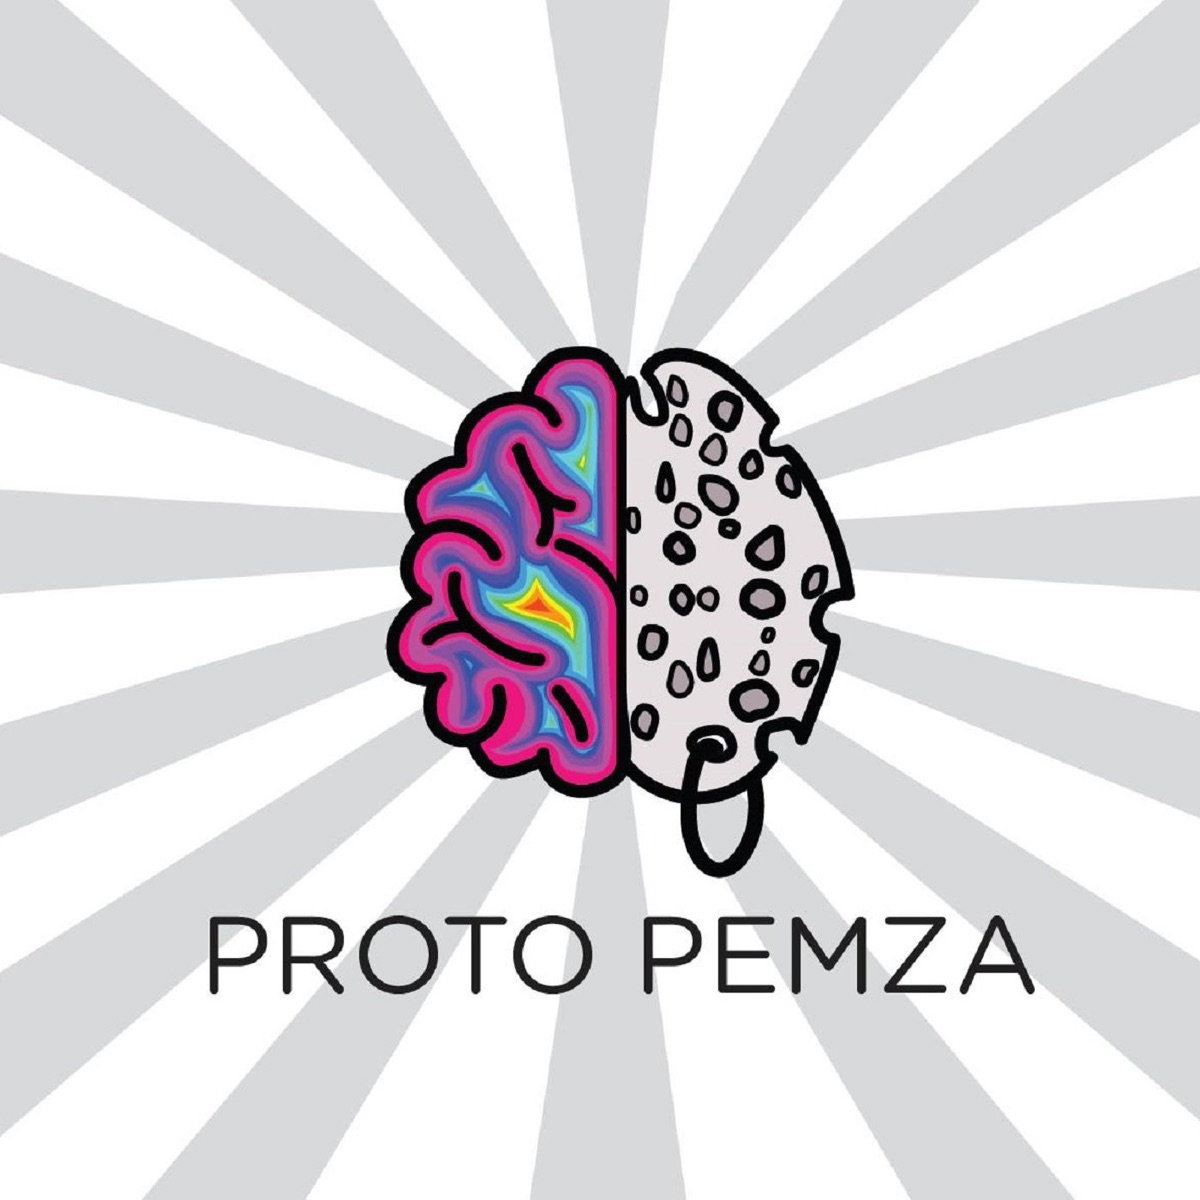 Proto Pemza